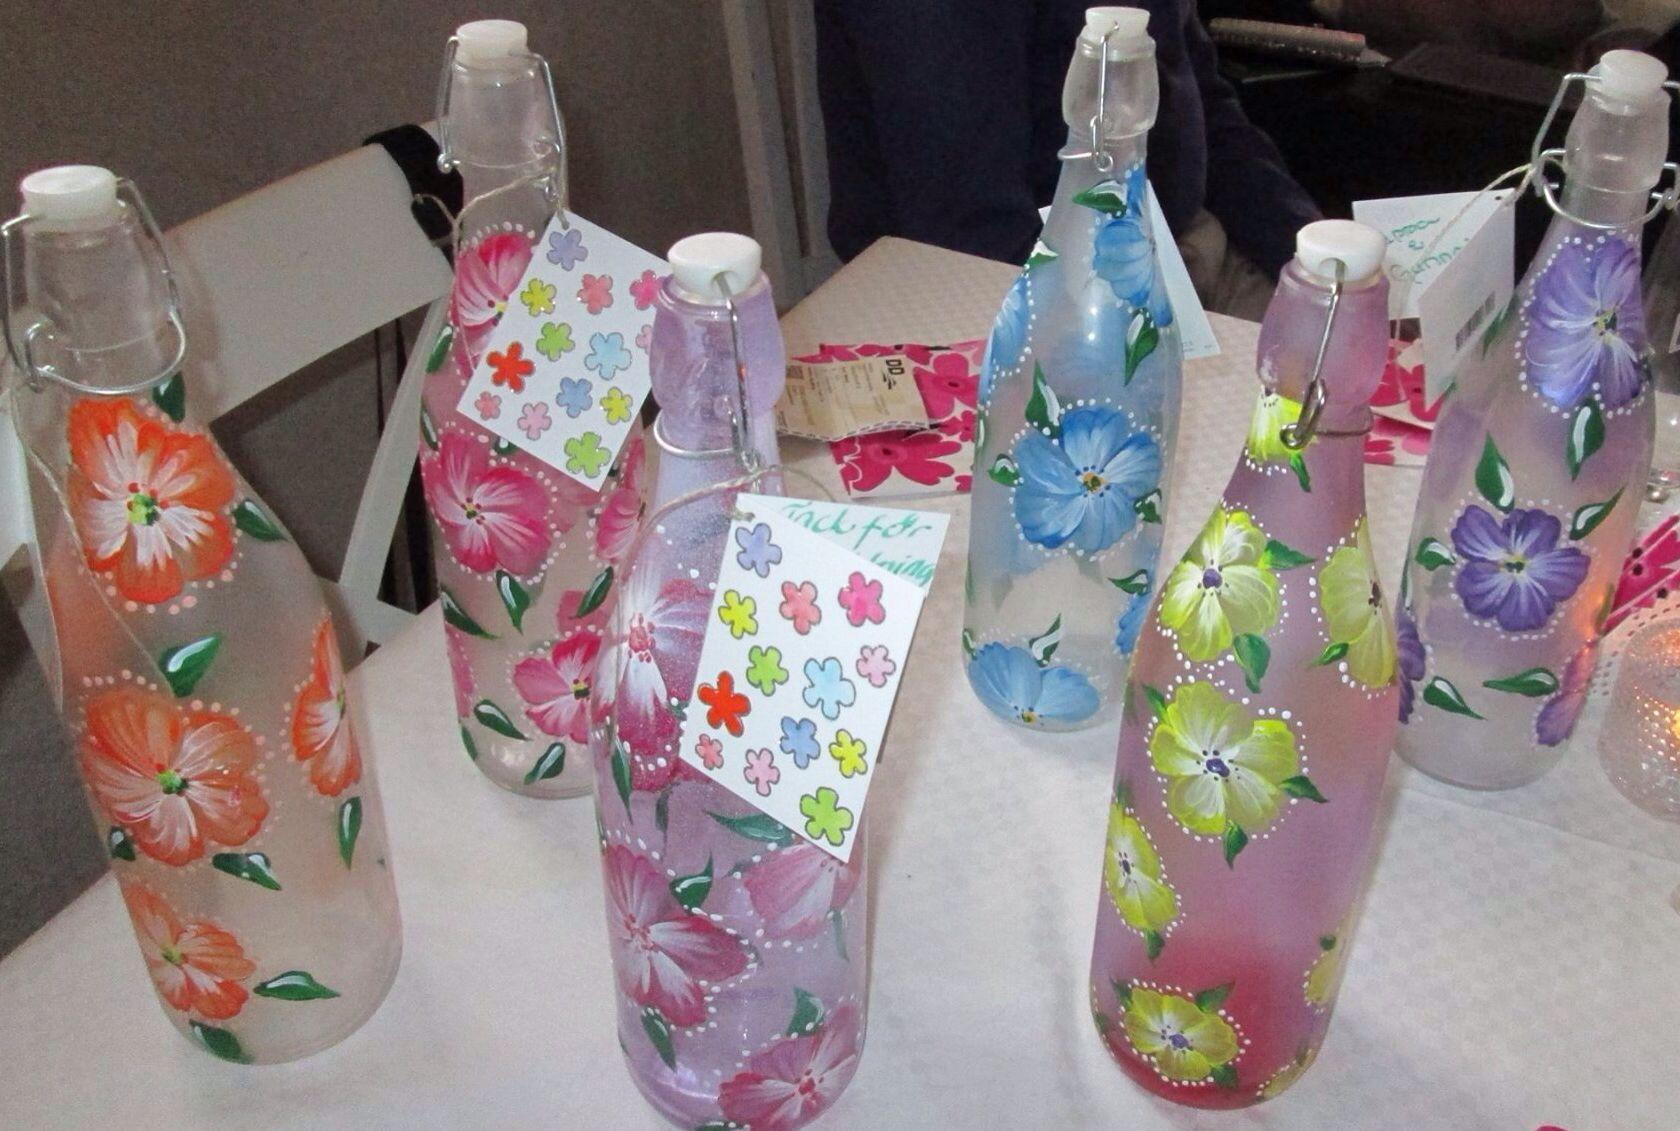 Onestroke flowers on bottles